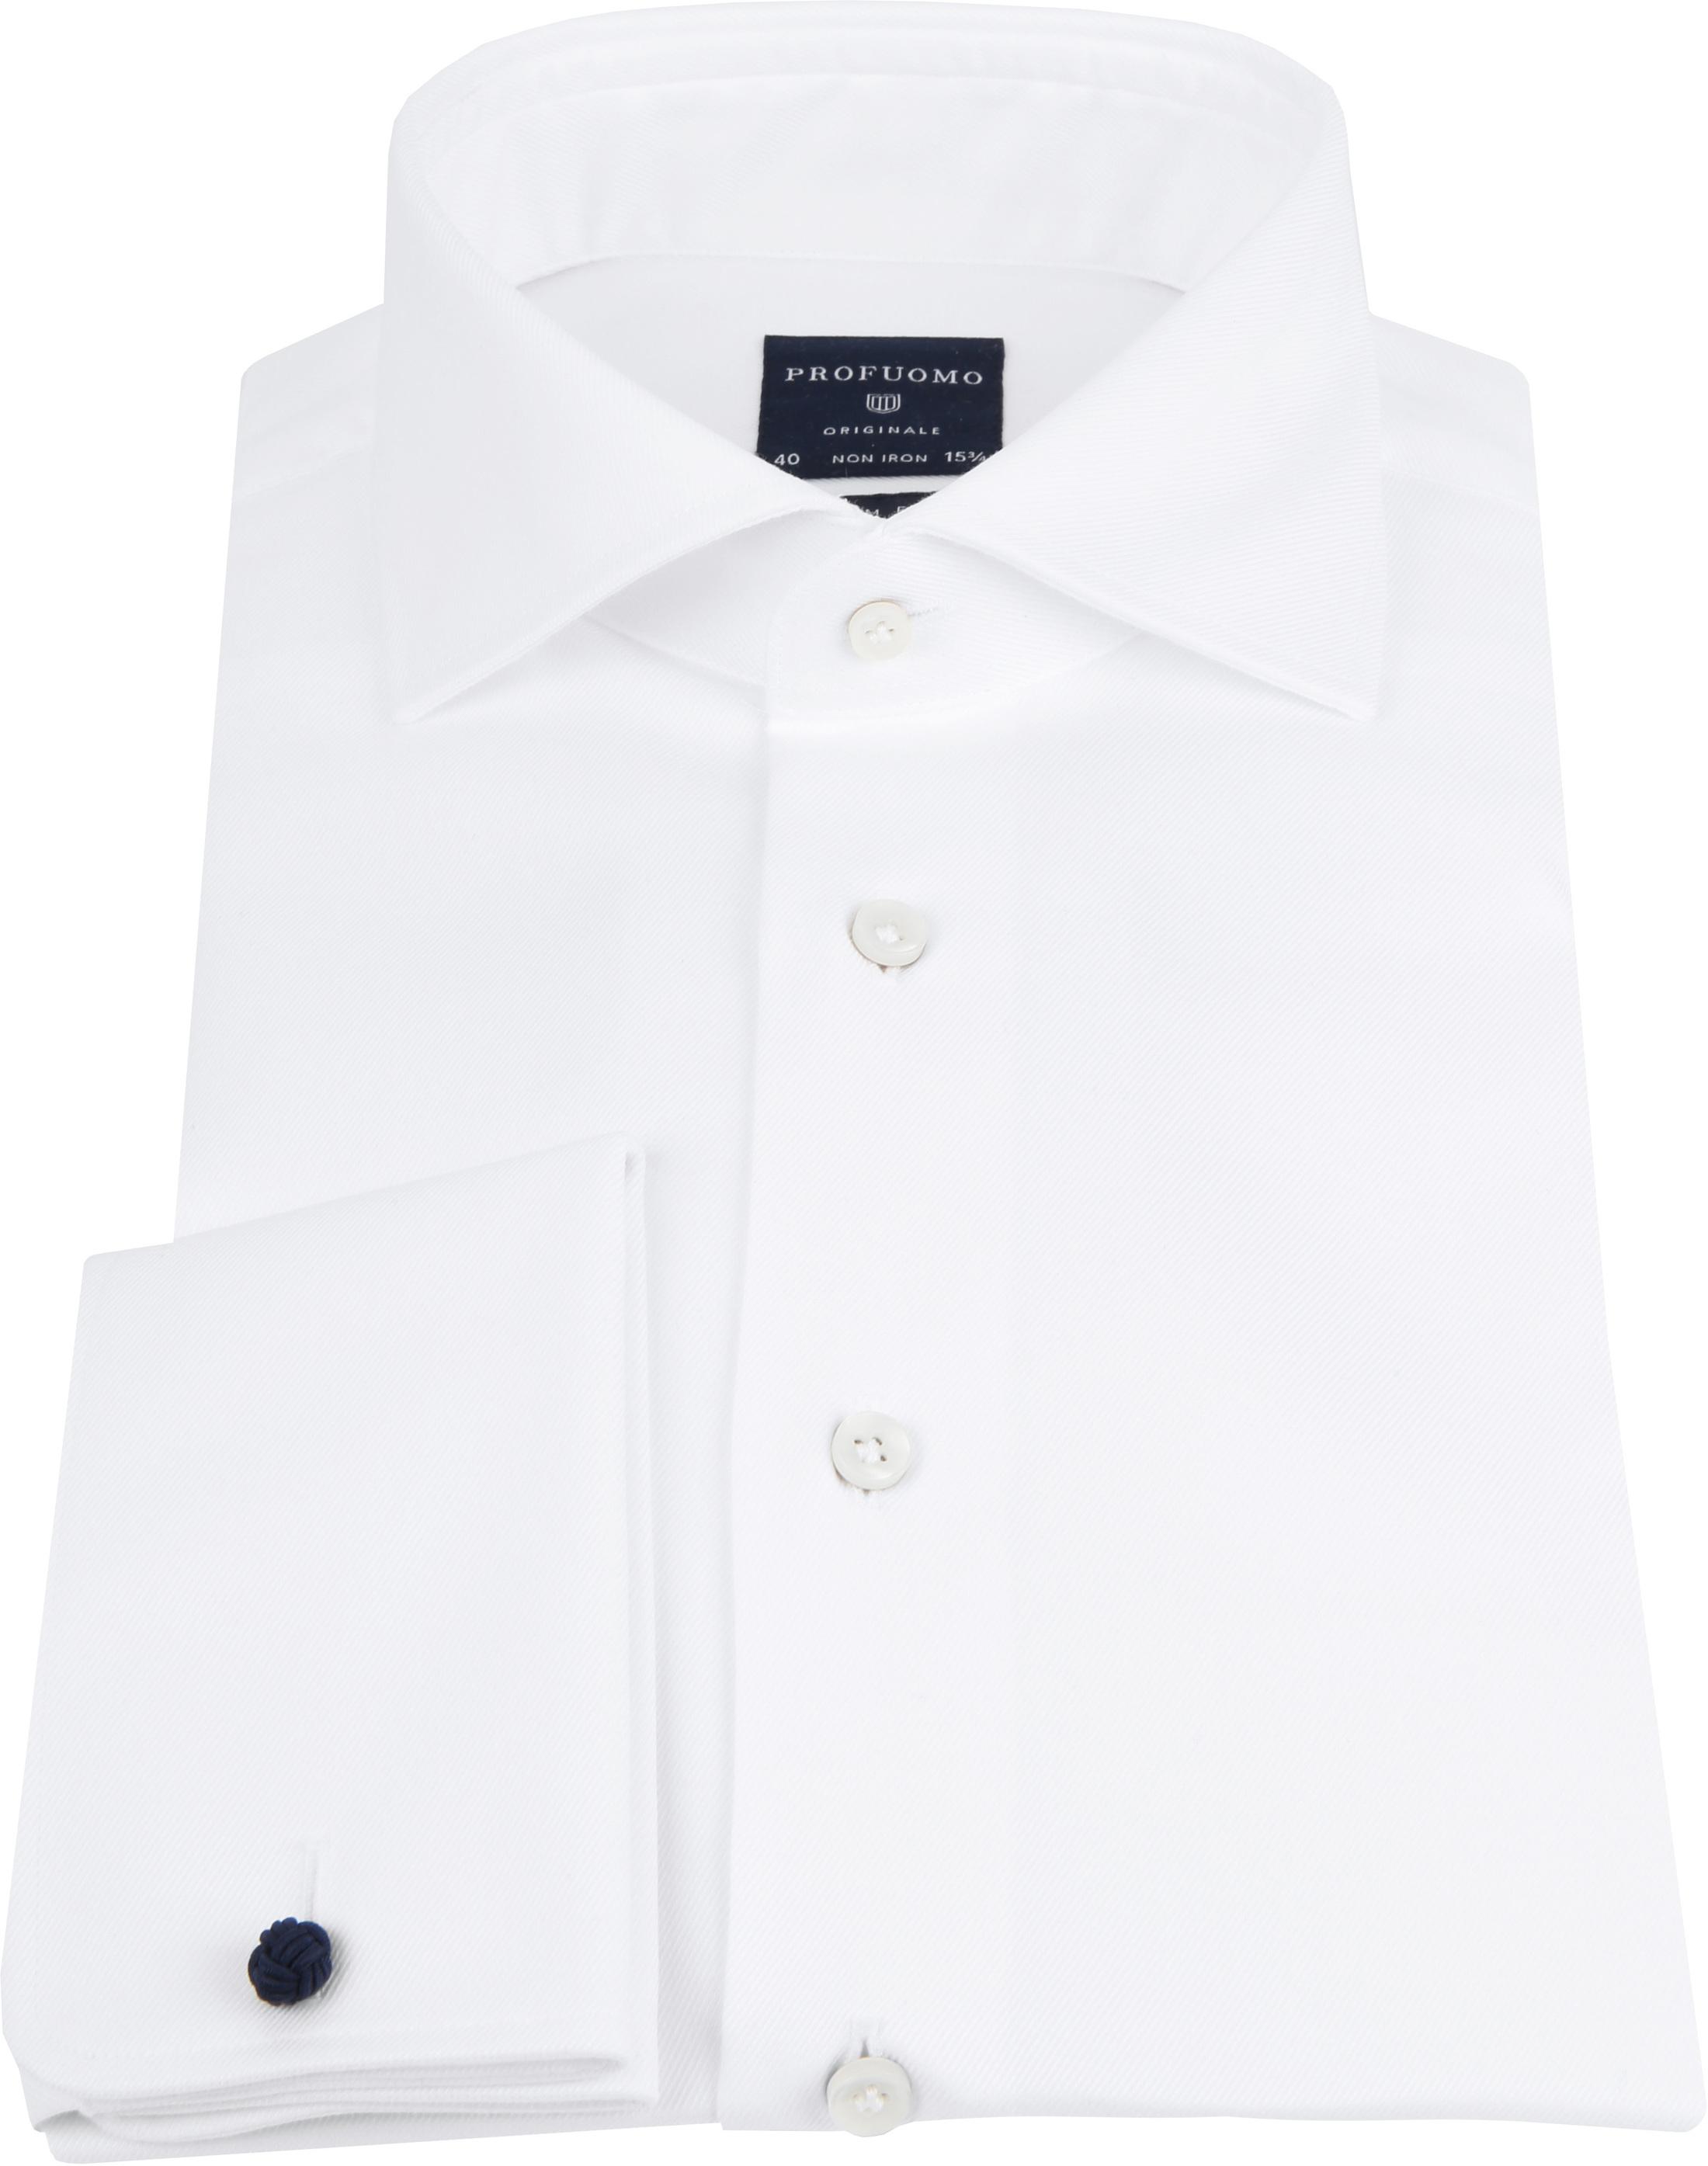 Profuomo Shirt Cutaway Doppel Manschette Weiß foto 2